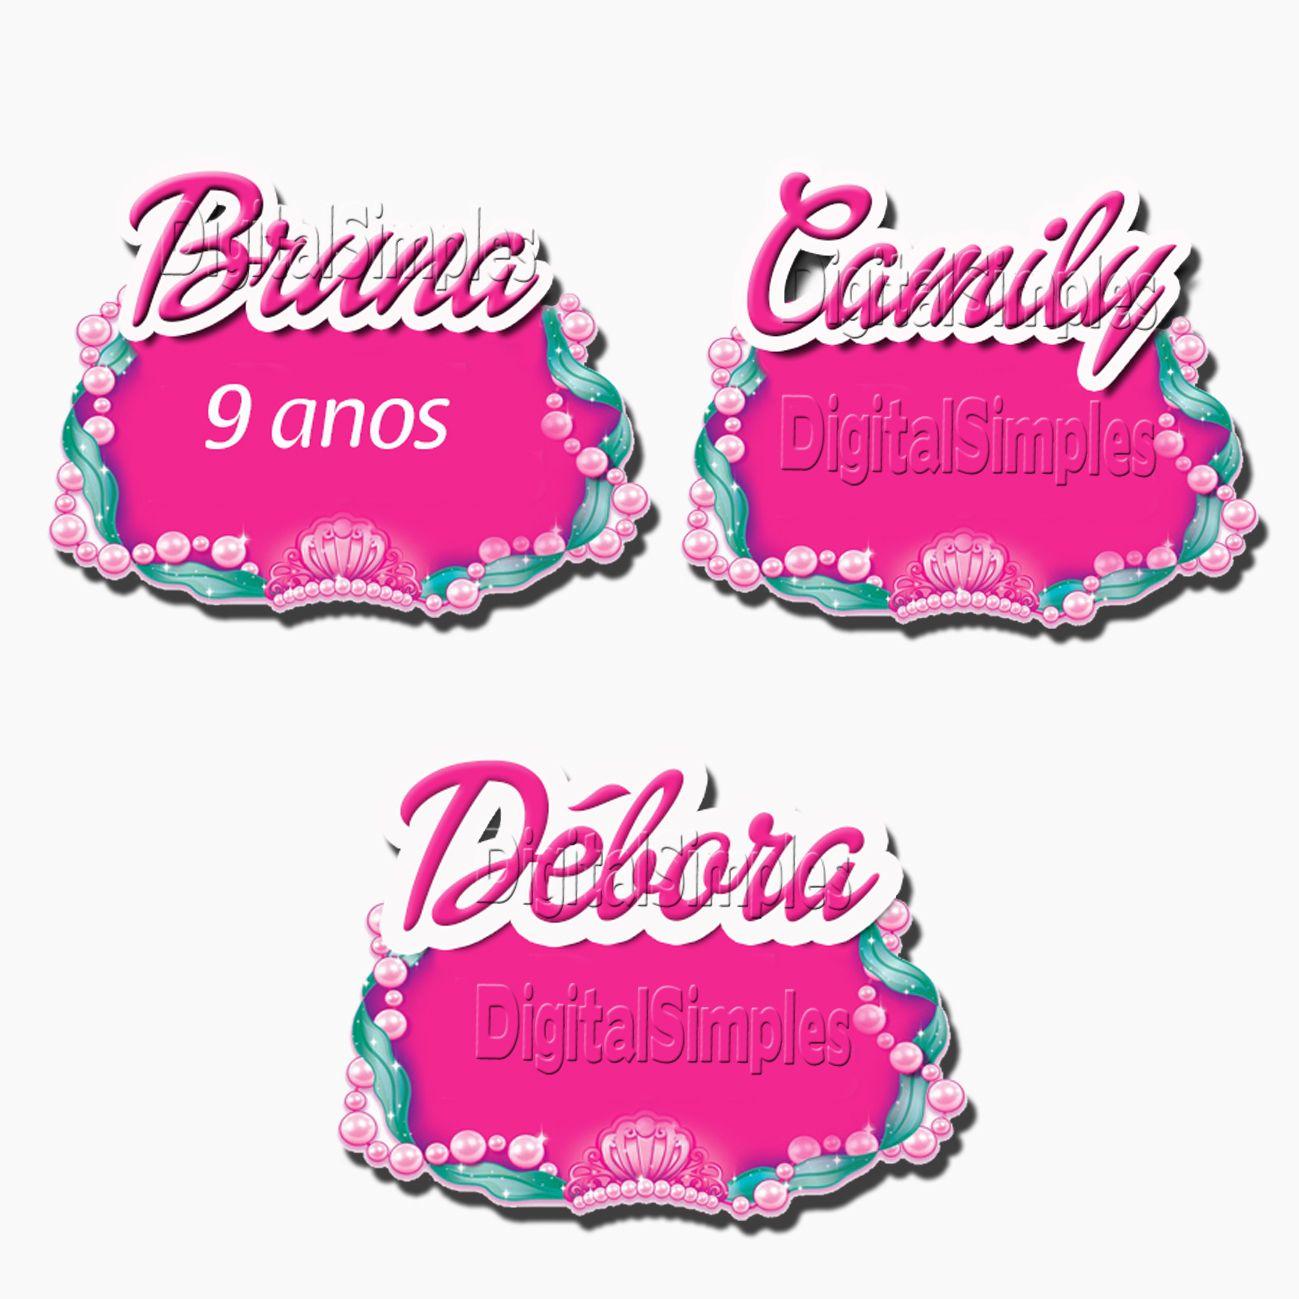 Kit Personalizado Tema Barbie Sereia Das Perolas Convites Digitais Simples Barbie Sereia Barbie Decoracao Festa Barbie